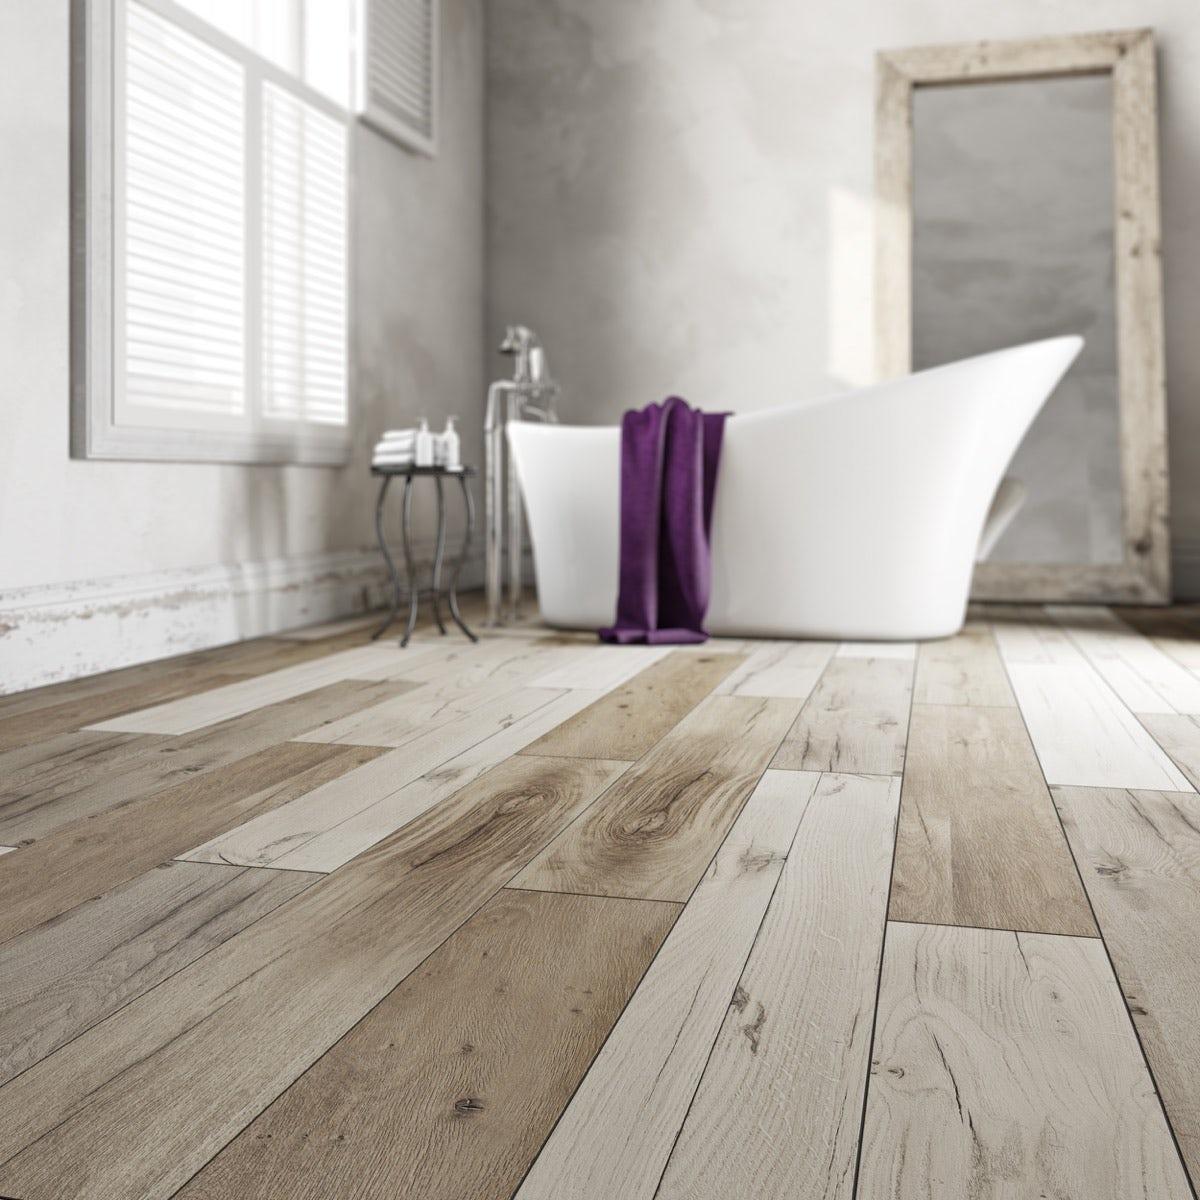 Krono xonic true grit waterproof vinyl flooring for Waterproof bathroom flooring